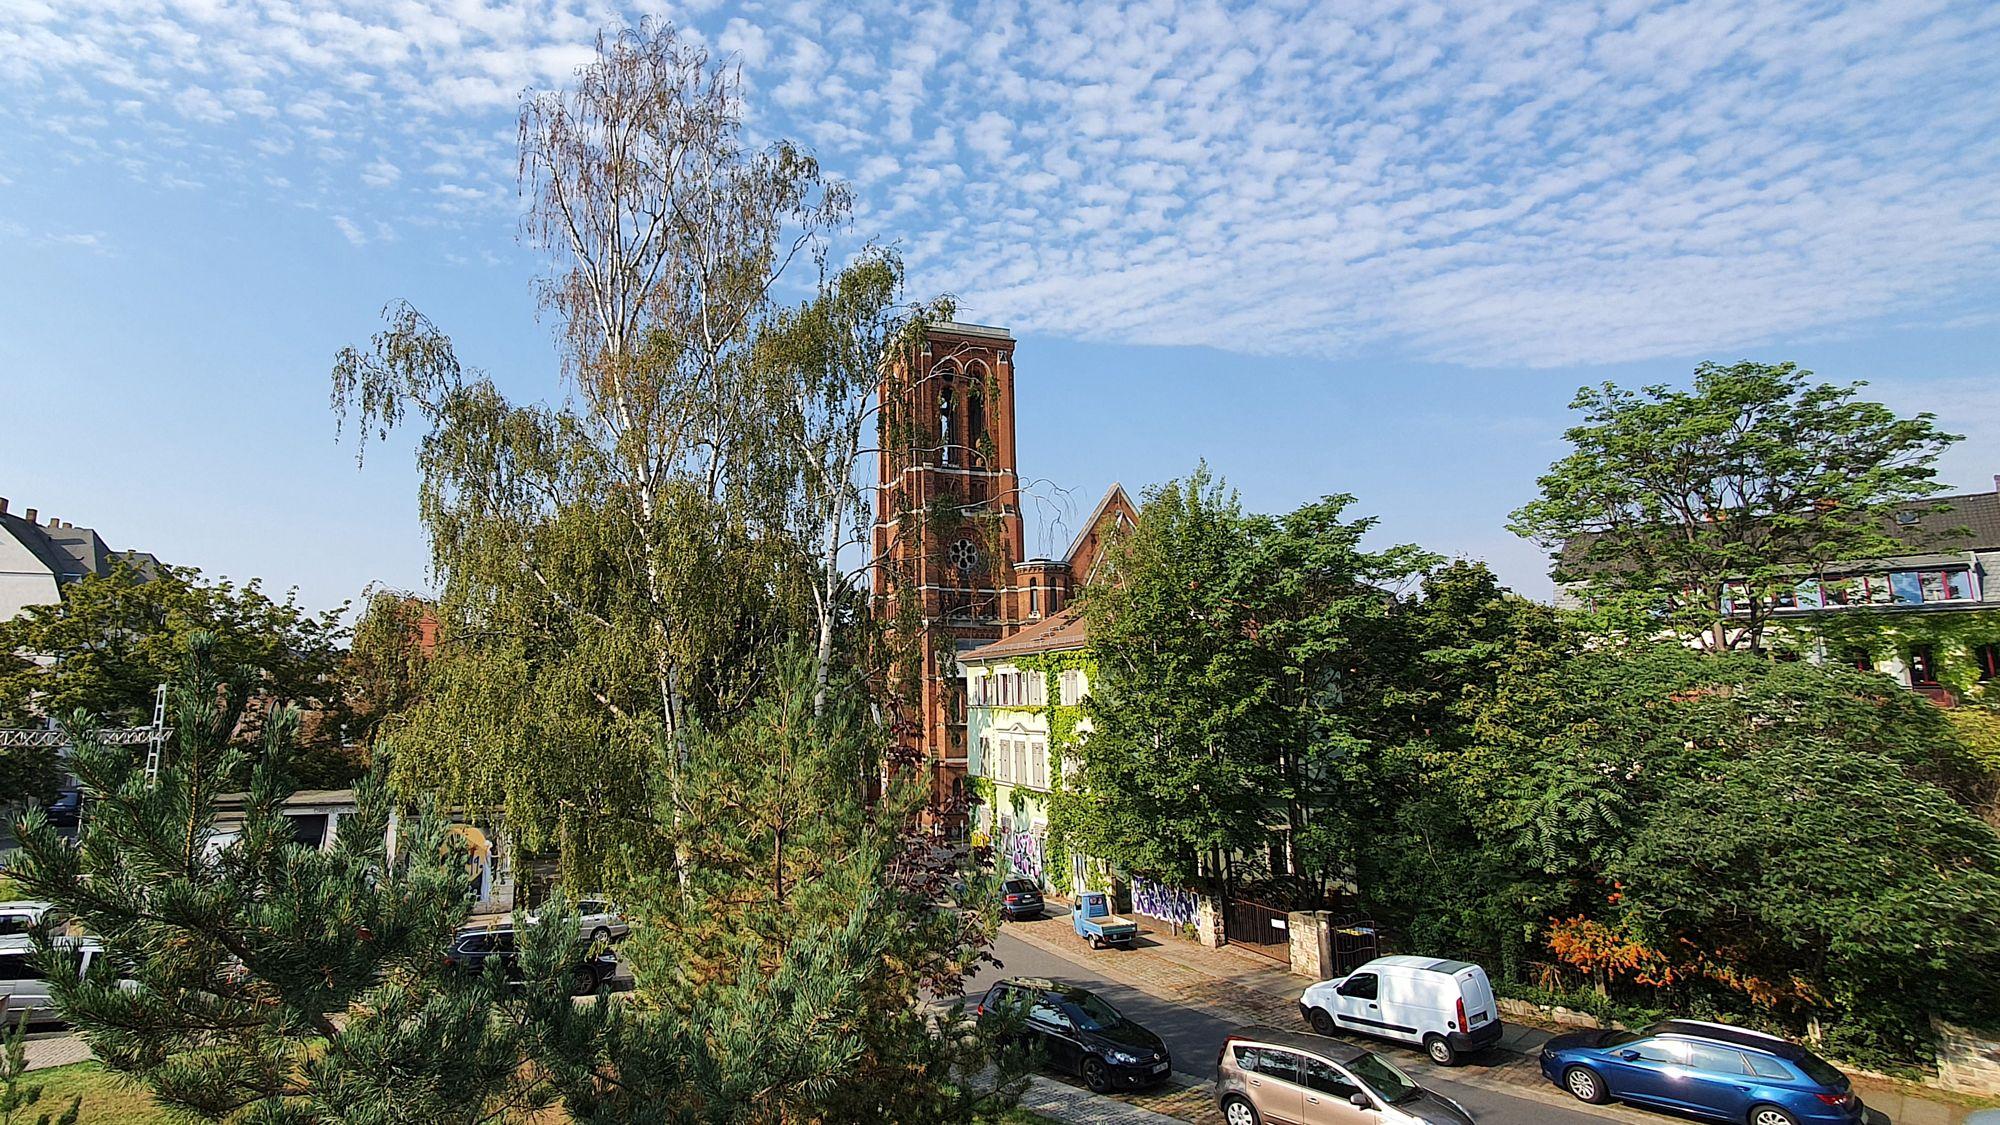 St.-Pauli-Ruine im Hecht-Viertel